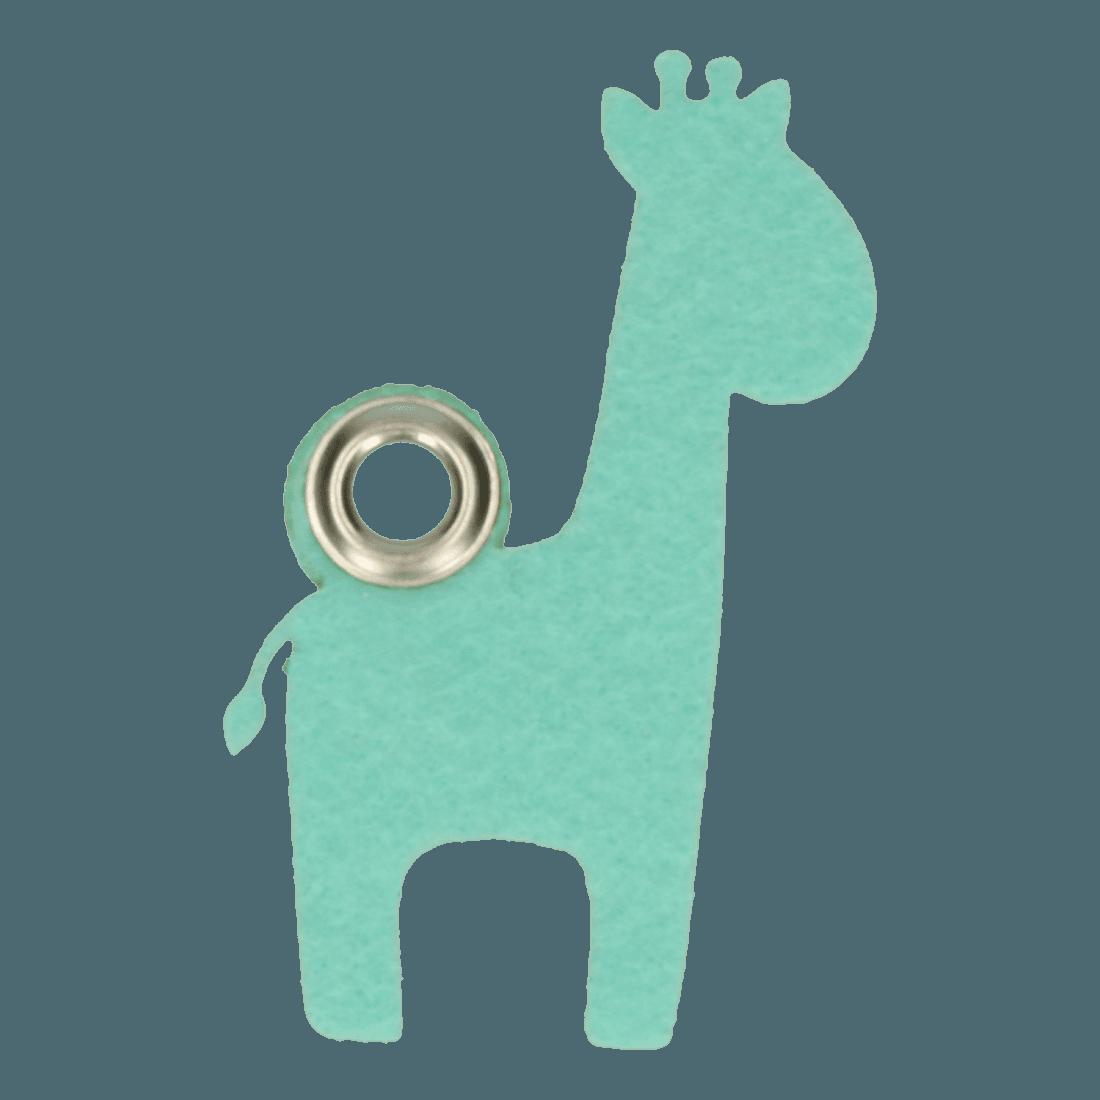 Vilten_sleutelhanger_giraf_mint - 2D image